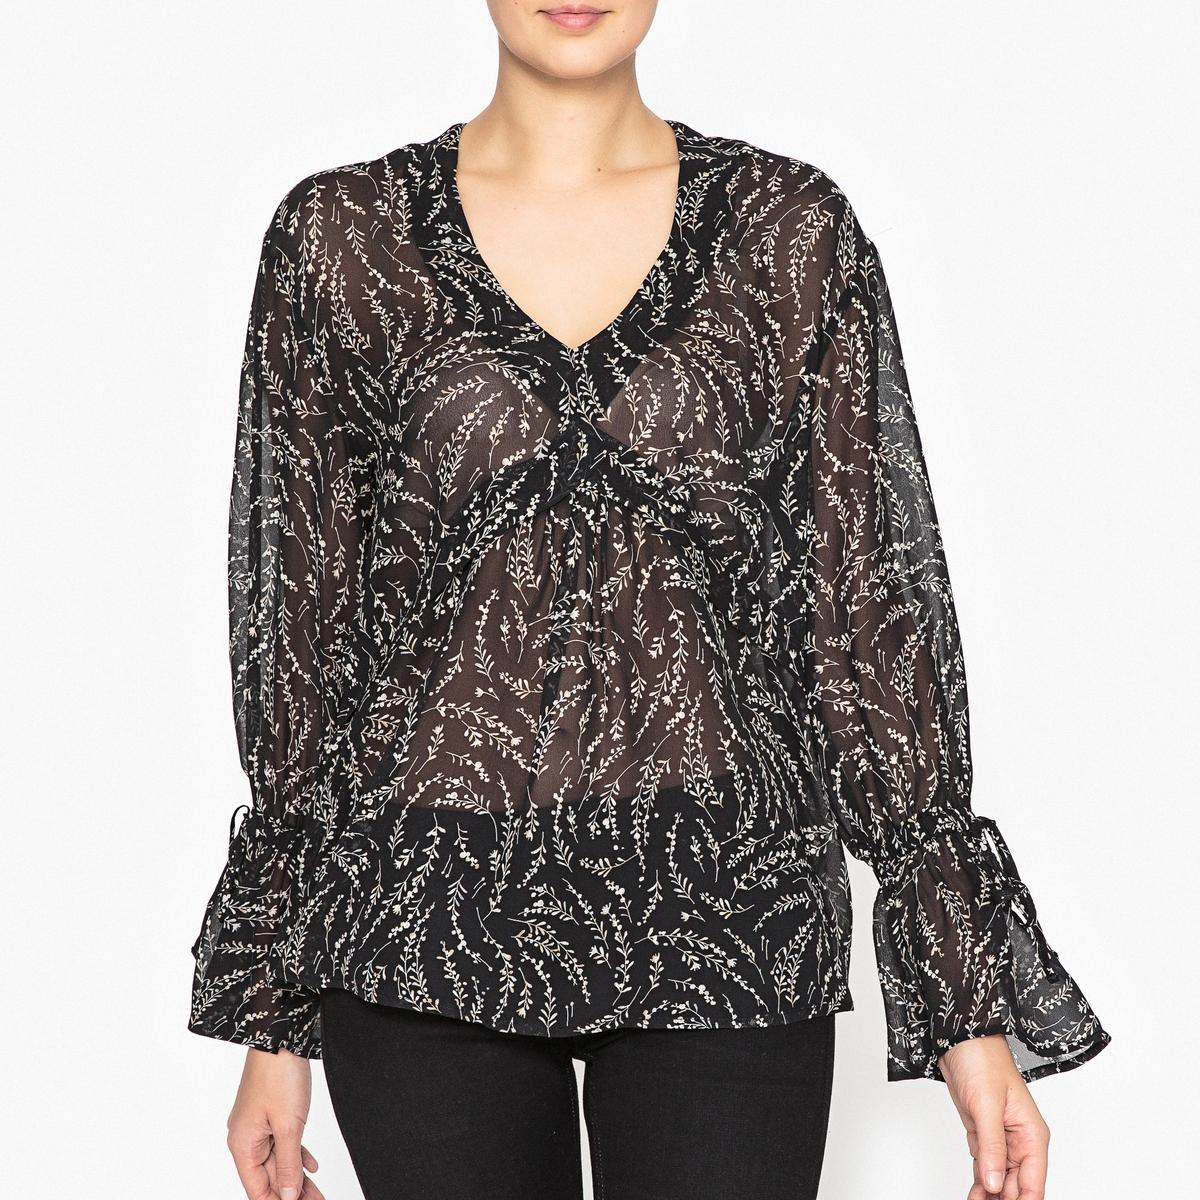 Блузка с воланами блузка с воланами из хлопка